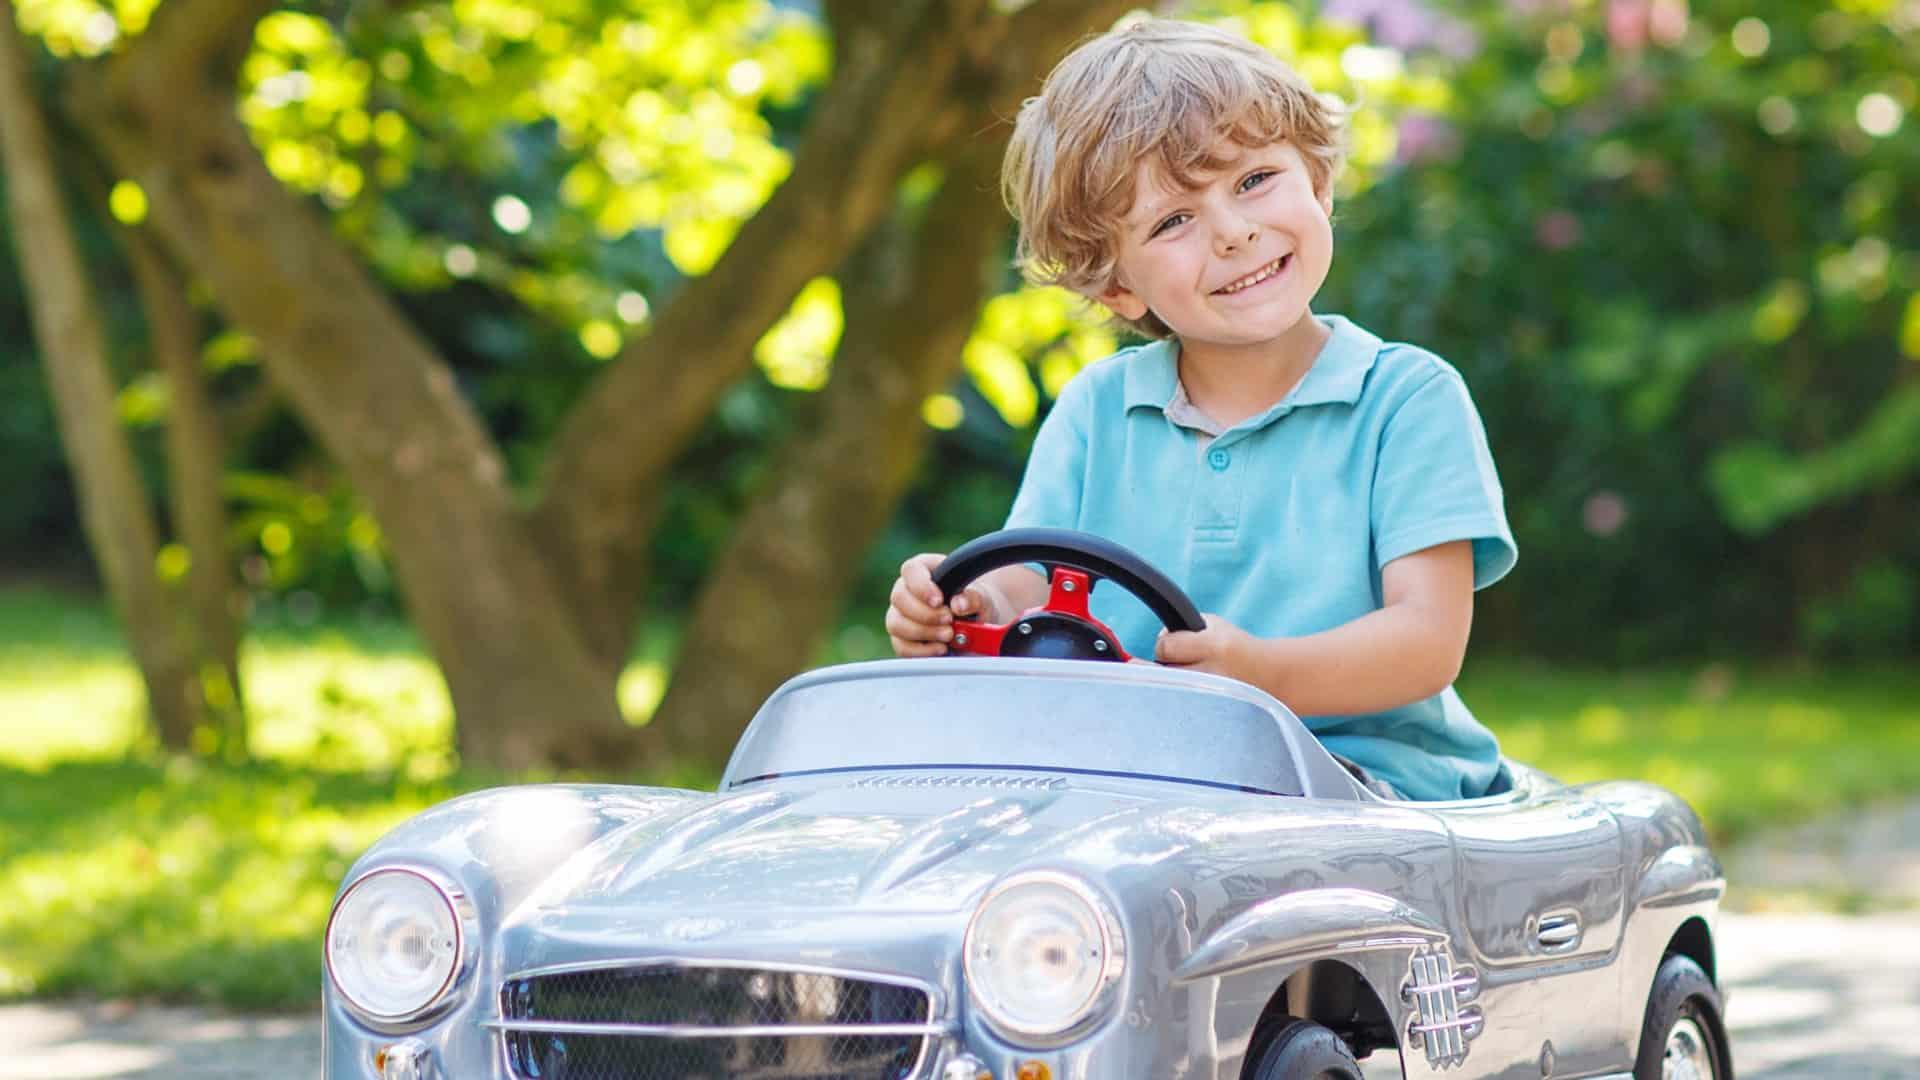 Miglior macchina per bambini 2020: Guida all'acquisto